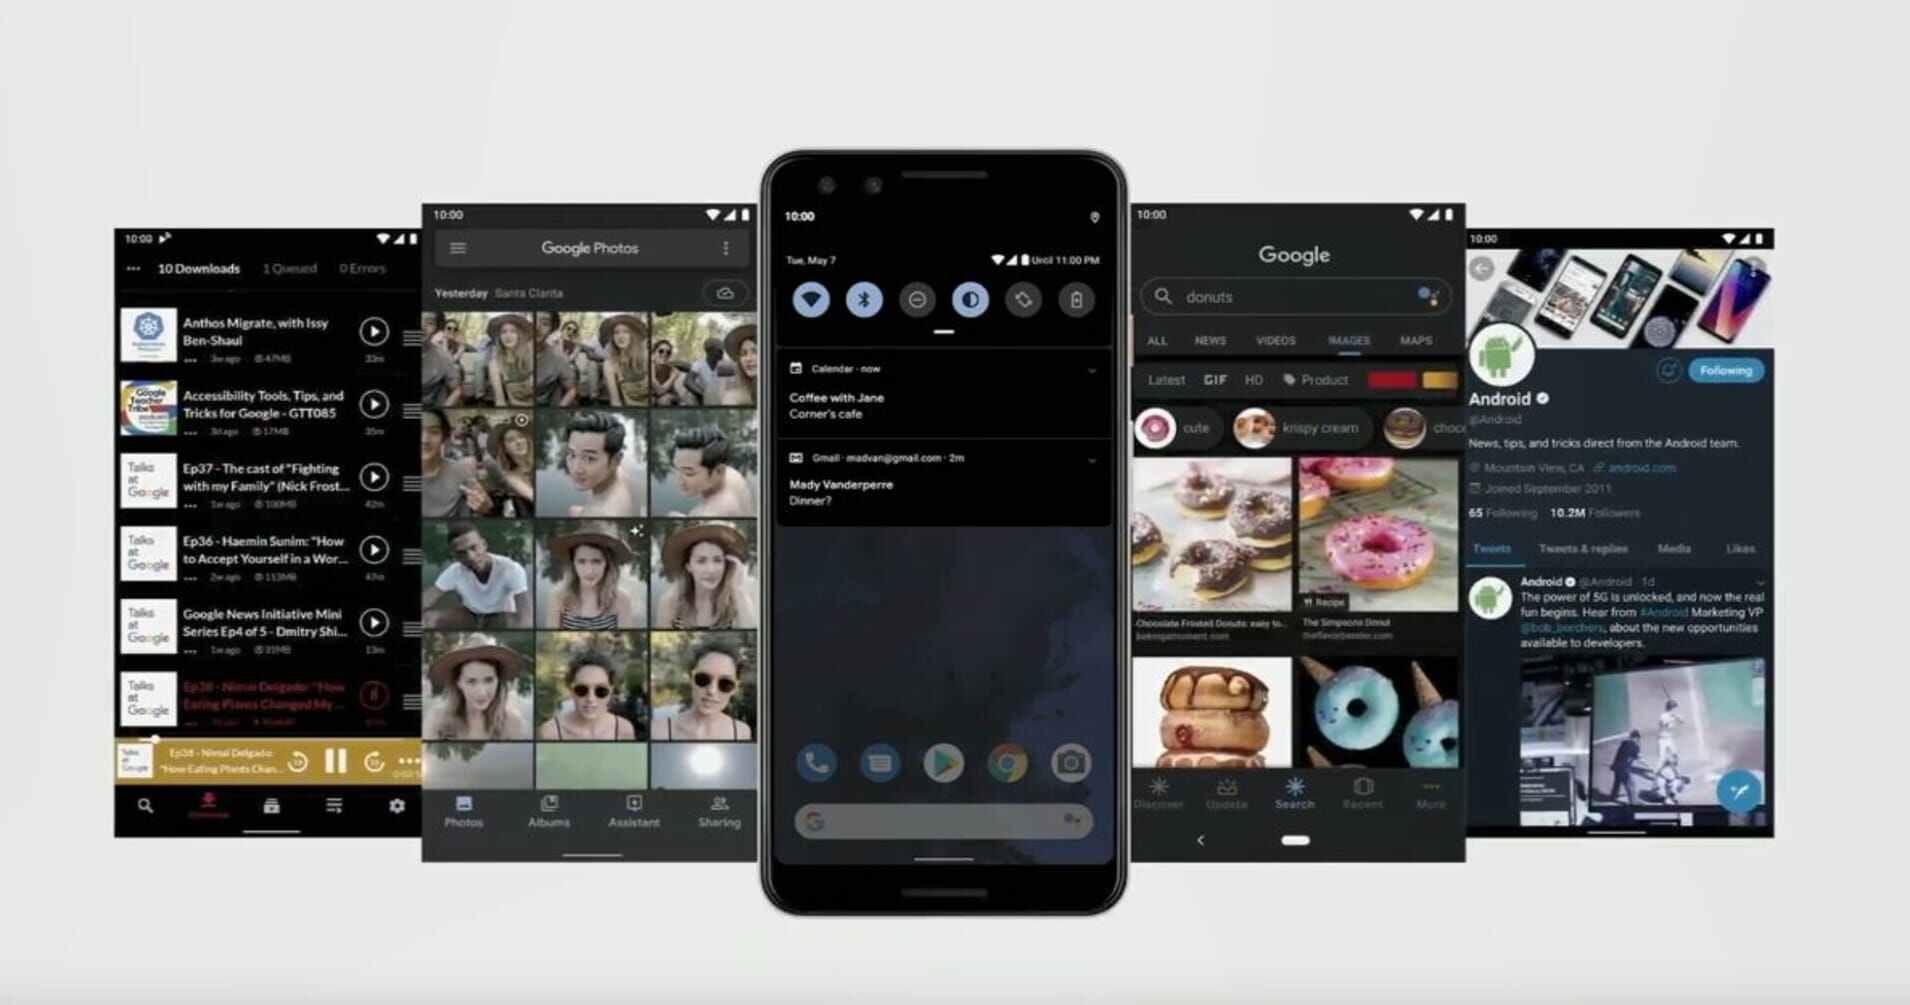 安卓10正式发布:新增黑暗模式、手势导航等重要更新的图片 第1张